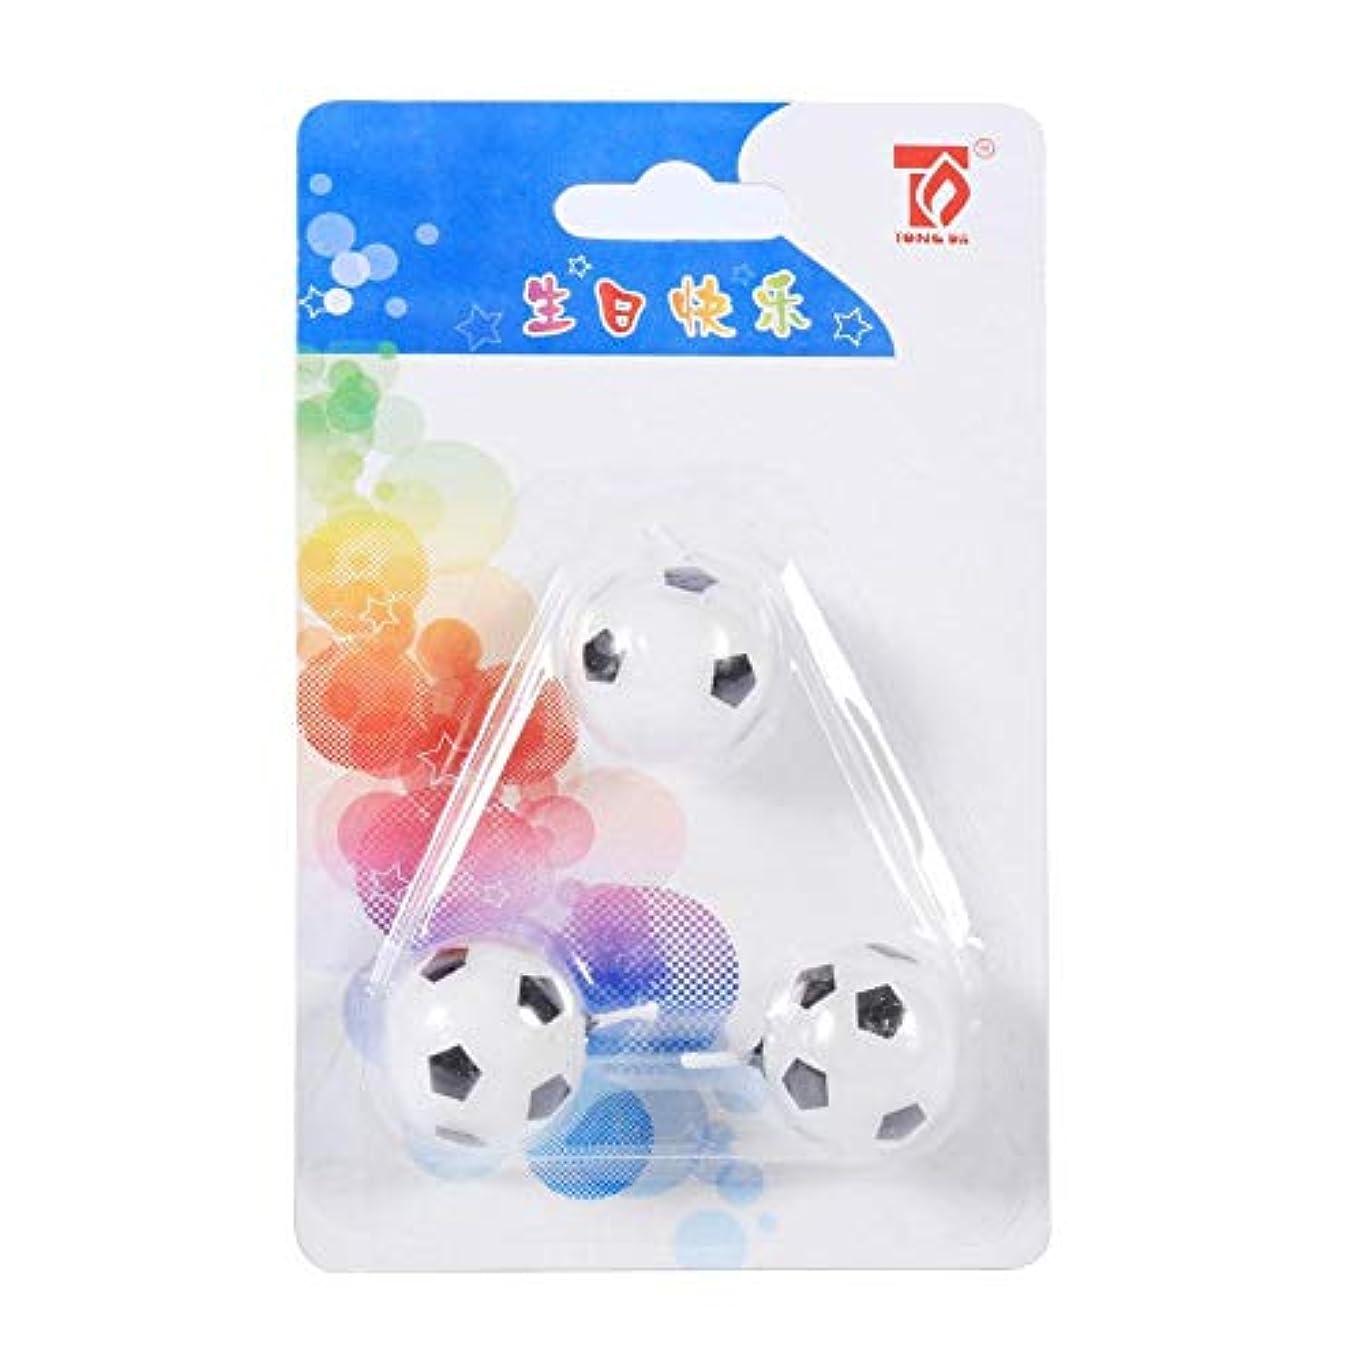 急性提唱する醜いEboxer キャンドル サッカーボールキャンドル キャンドル誕生日 子供向 3個入 サッカーボールの形 誕生日 パーティケーキのキャンドル 飾り物 可愛い